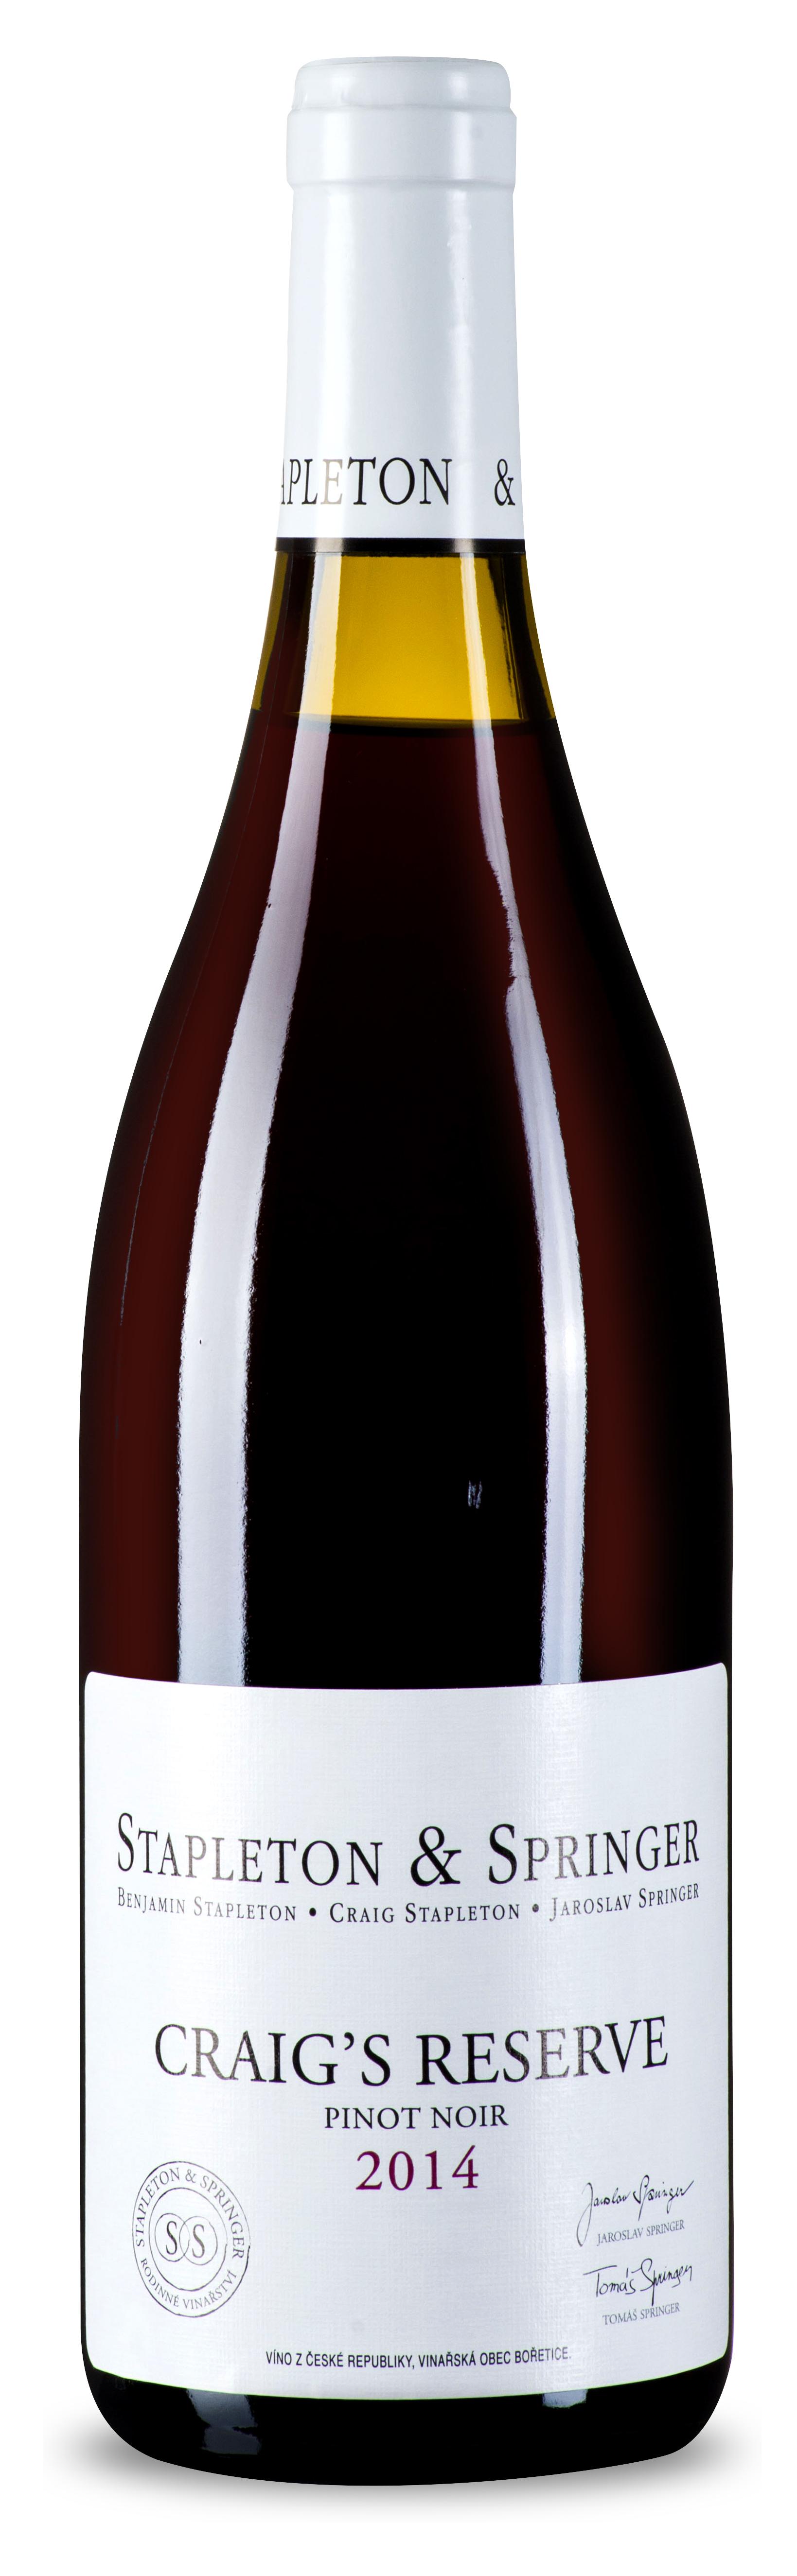 Stapleton-Springer Pinot noir Craig's reserve 2014